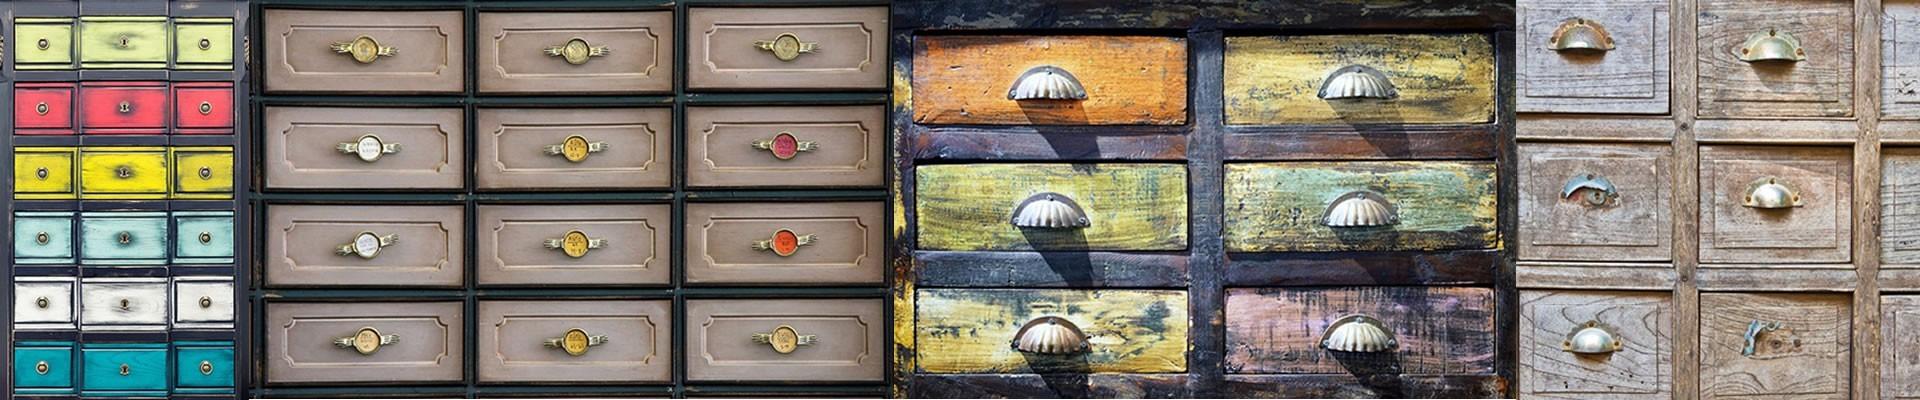 Storage | Storage Boxes & Units, Bathroom, Garden & Shoe Storage